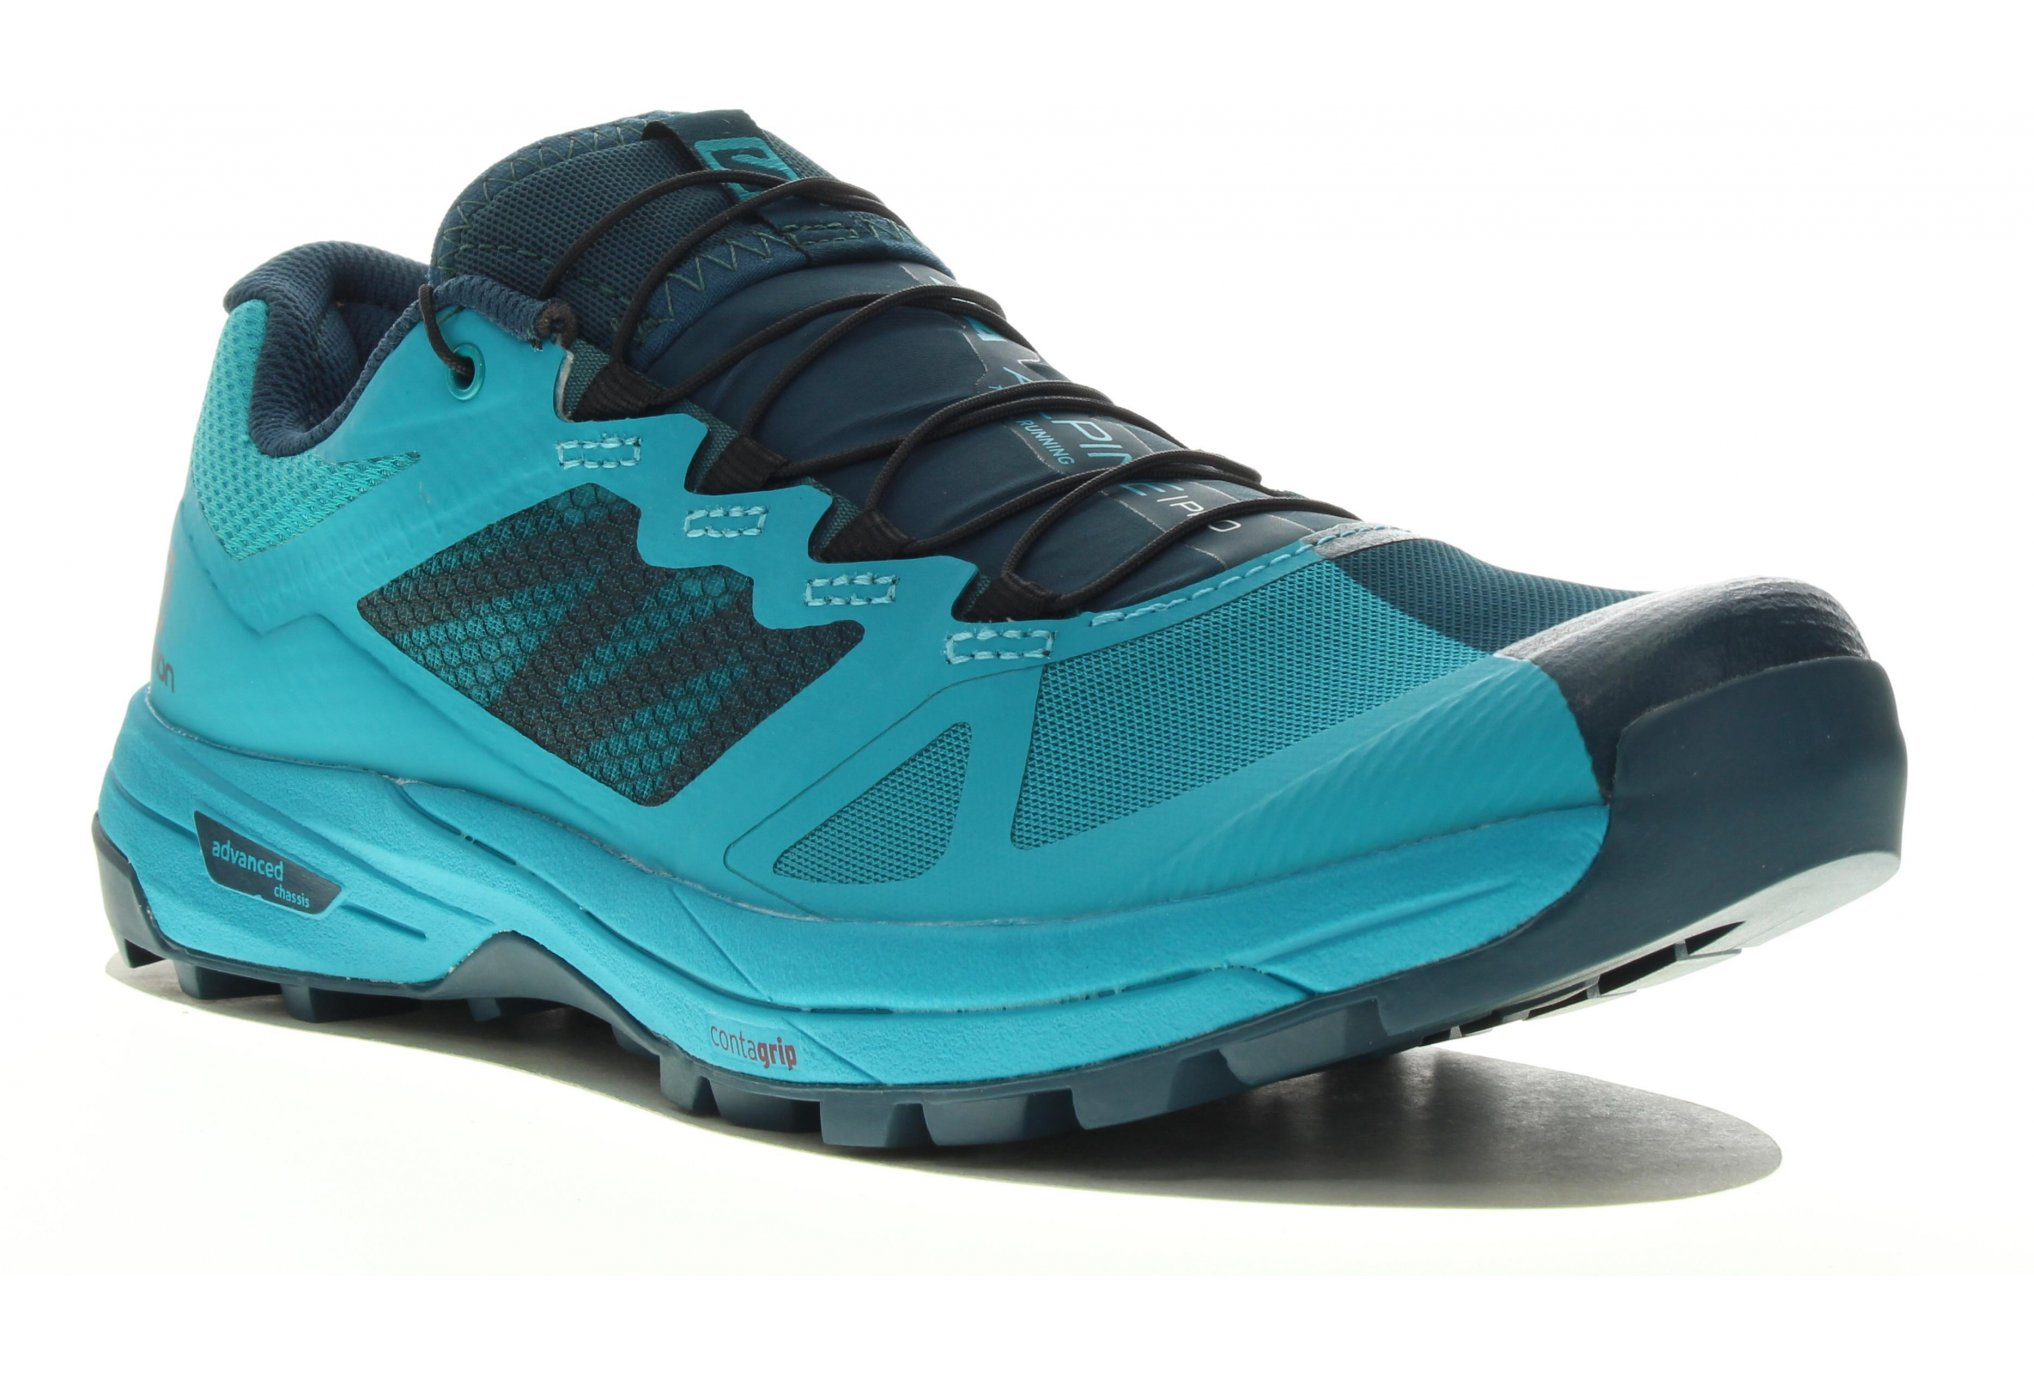 Salomon X Alpine Pro Chaussures running femme